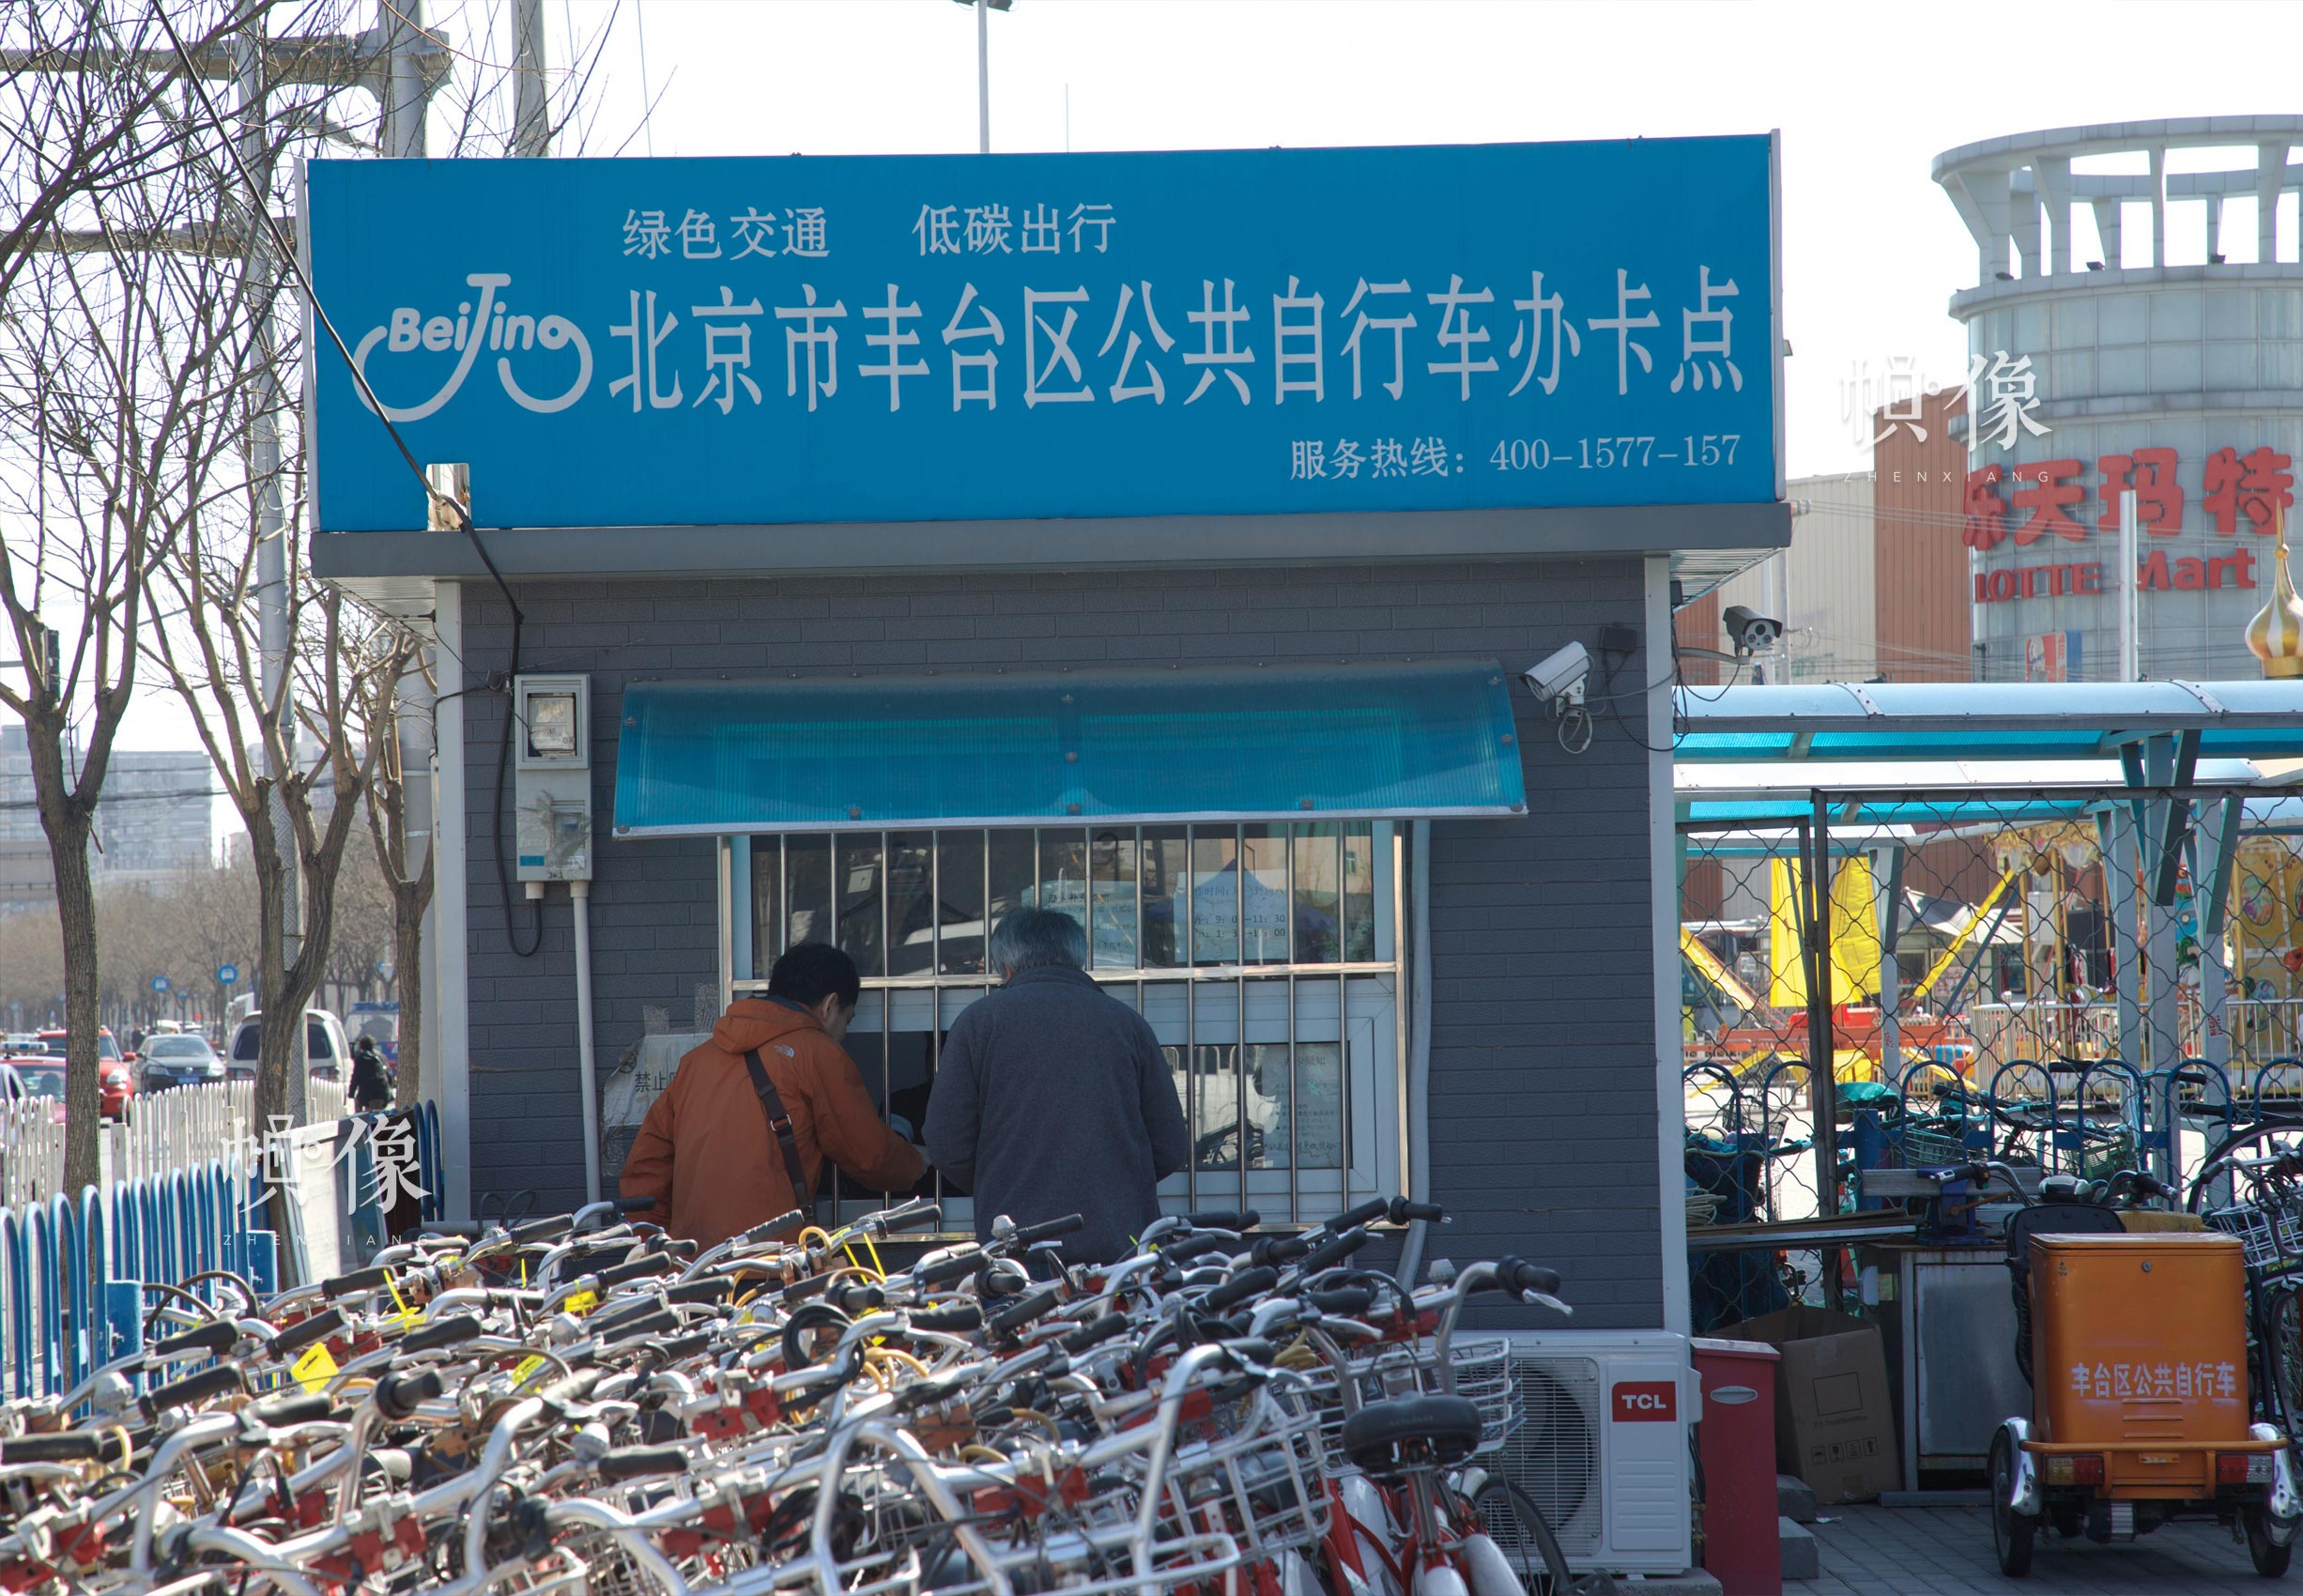 2017年3月27日,北京市丰台区的市政公共自行车办卡点,偶有市民前来办卡充值。中国网记者 高南 摄